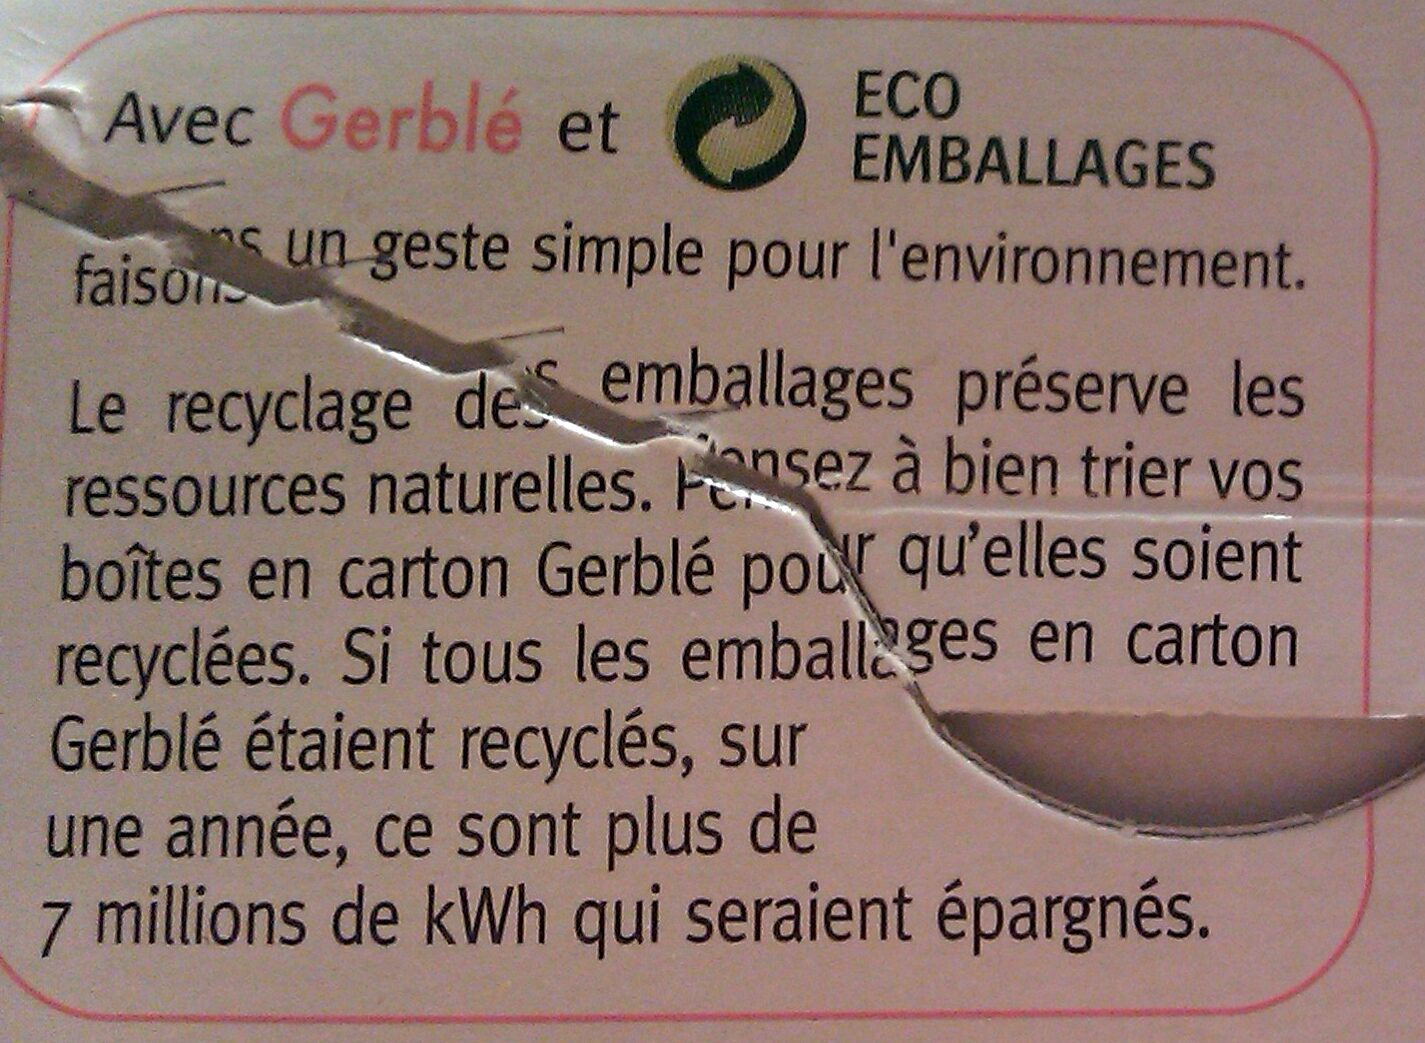 Biscuit complet au germe de blé - Instruction de recyclage et/ou informations d'emballage - fr